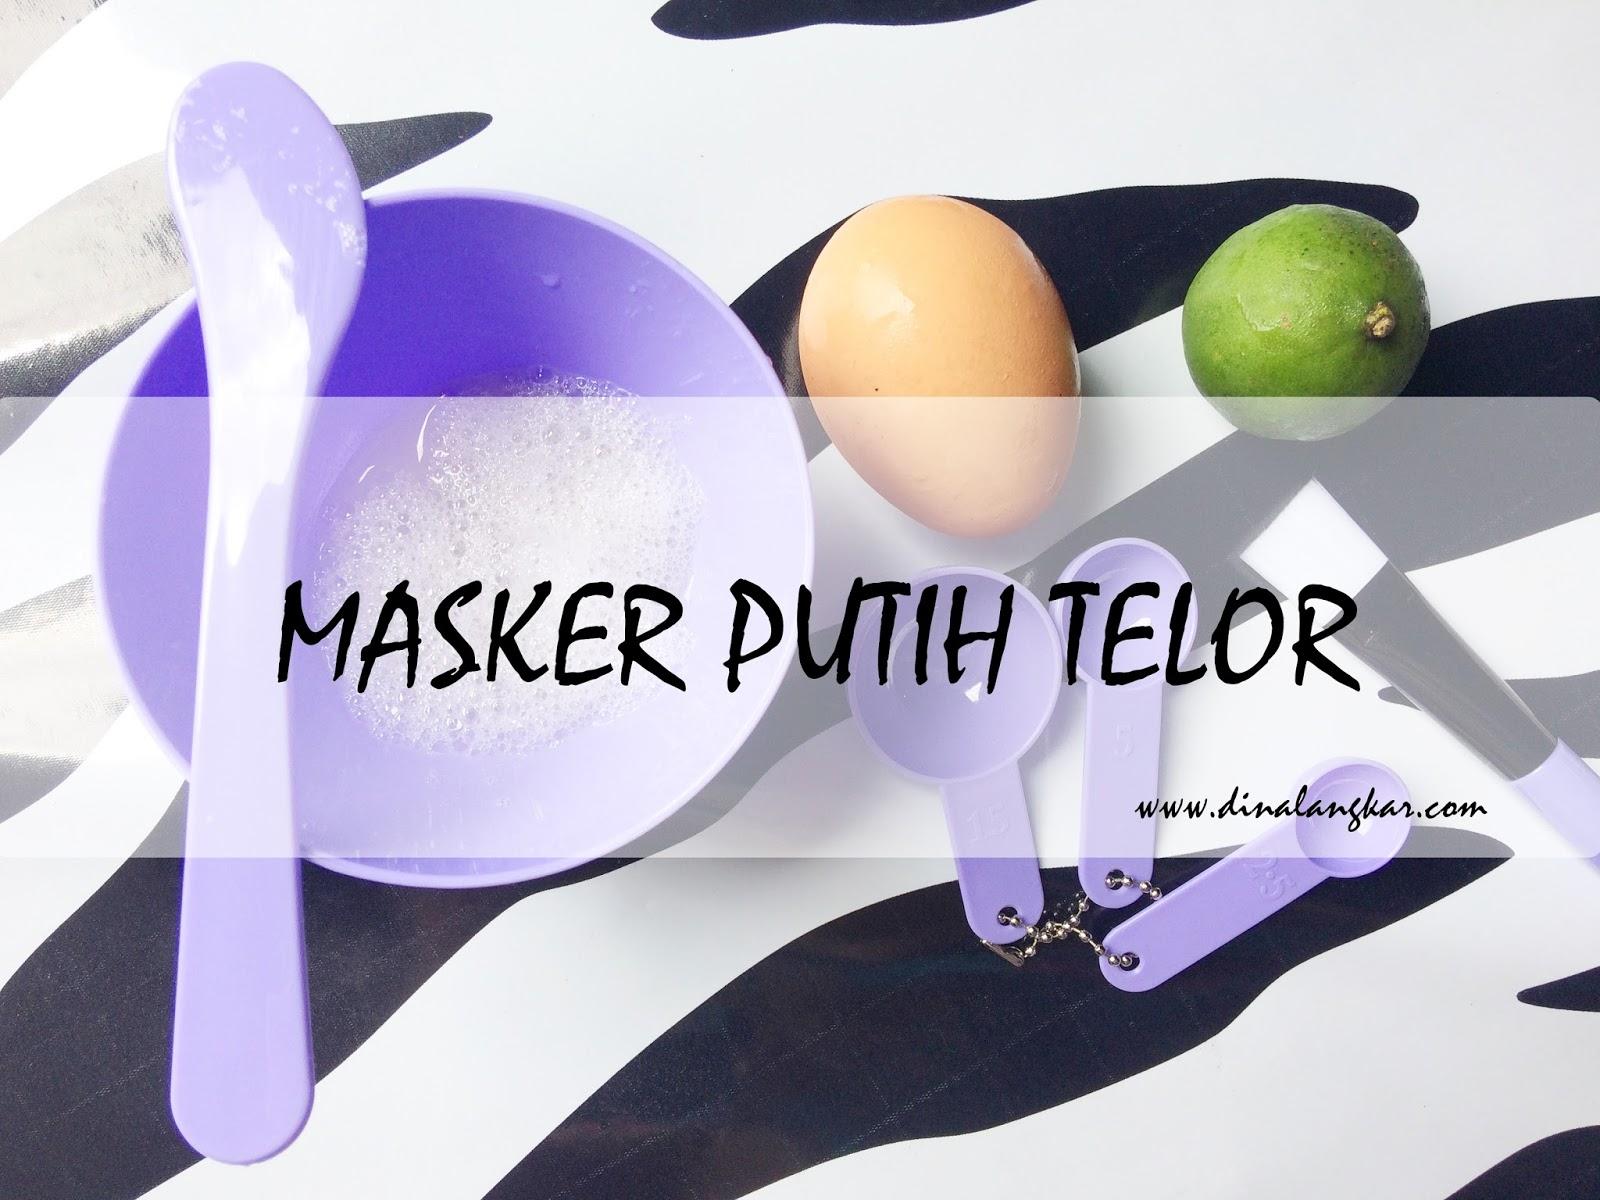 Cara Membuat Masker Putih Telor Dan Berbagai Manfaatnya Untuk Kulit Wajah Dina Langkar